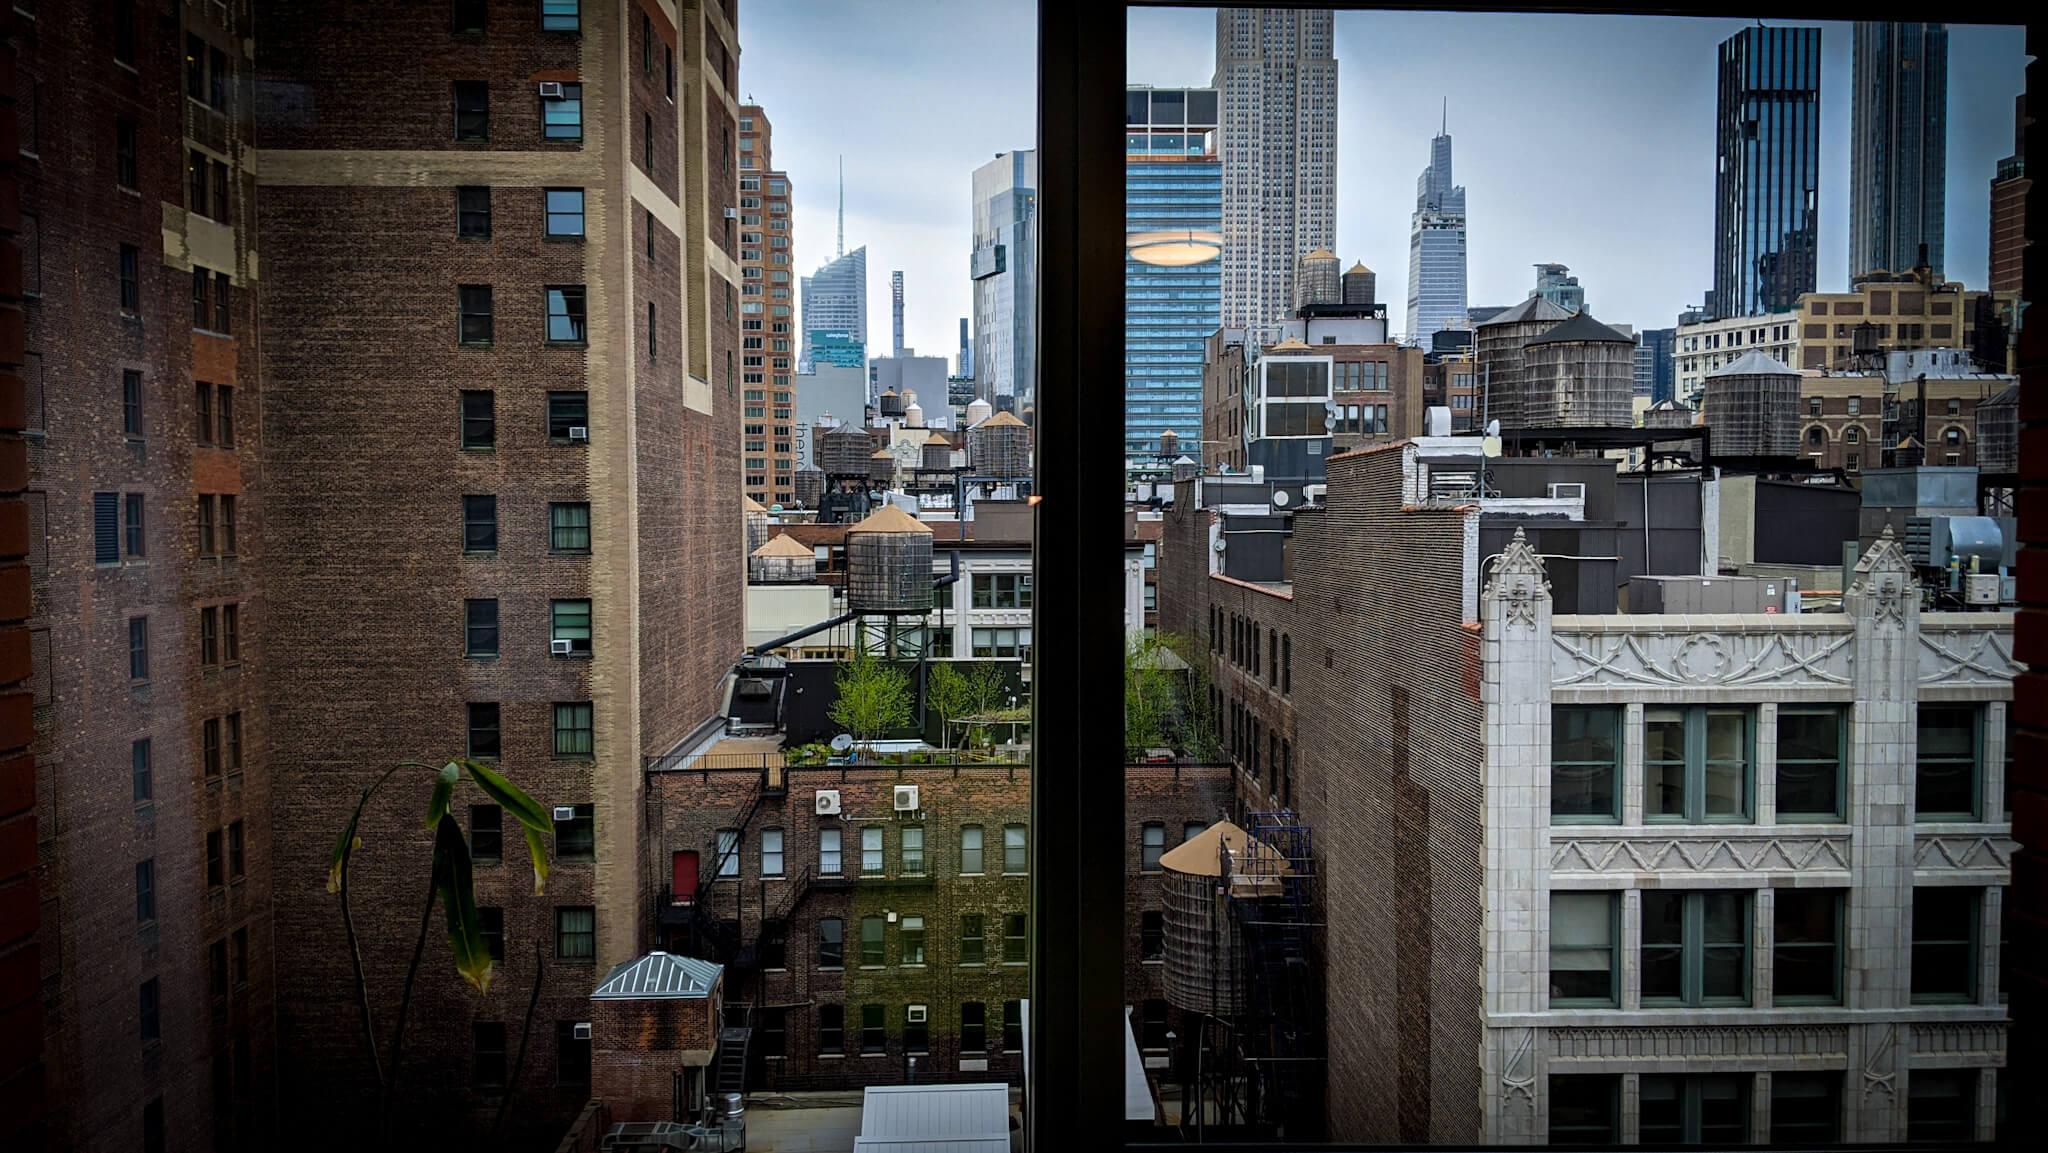 widok z mieszkania na Manhattanie